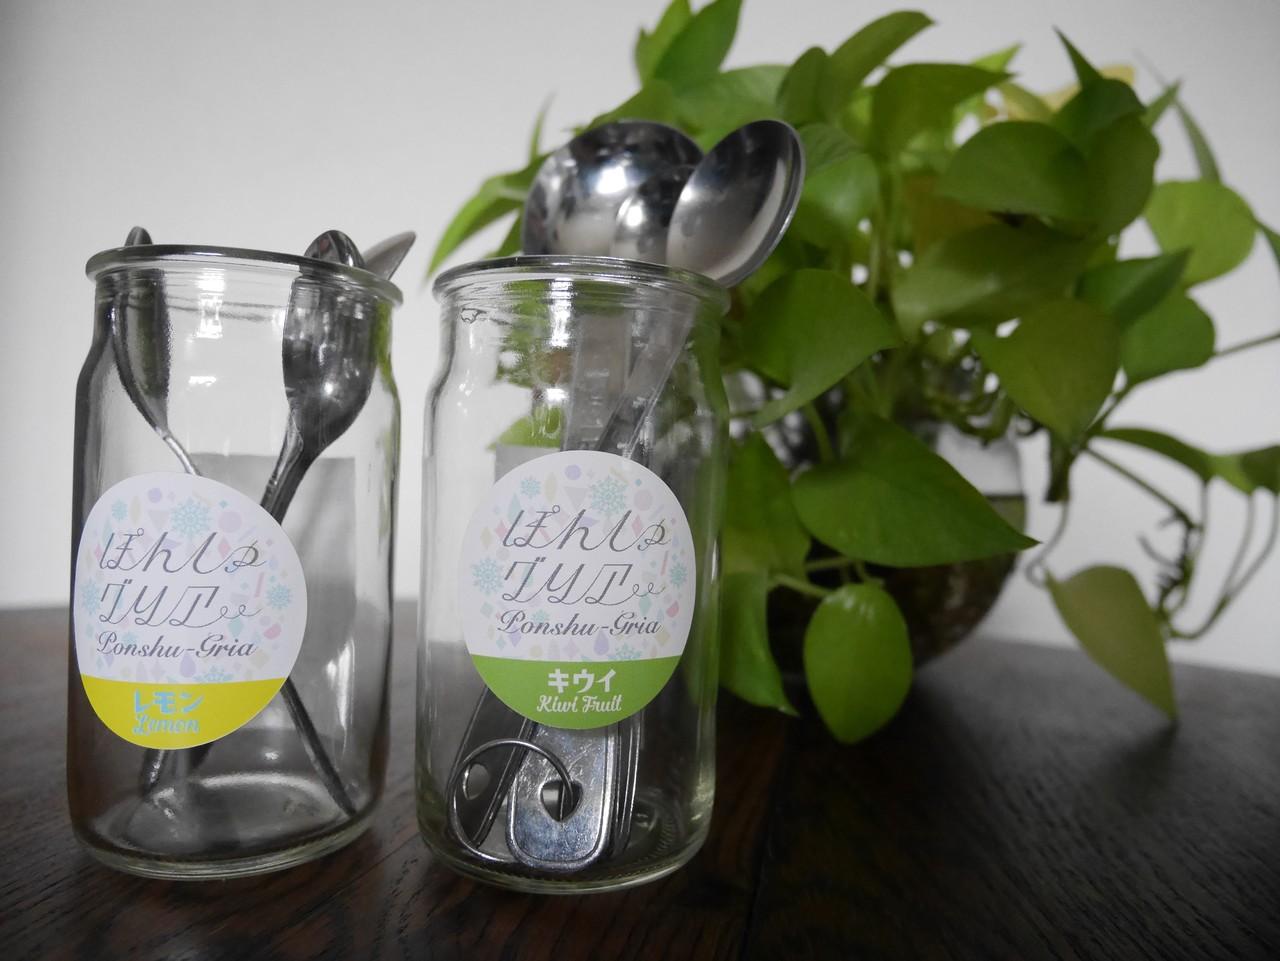 ワンカップ容器にキッチン用品を入れる